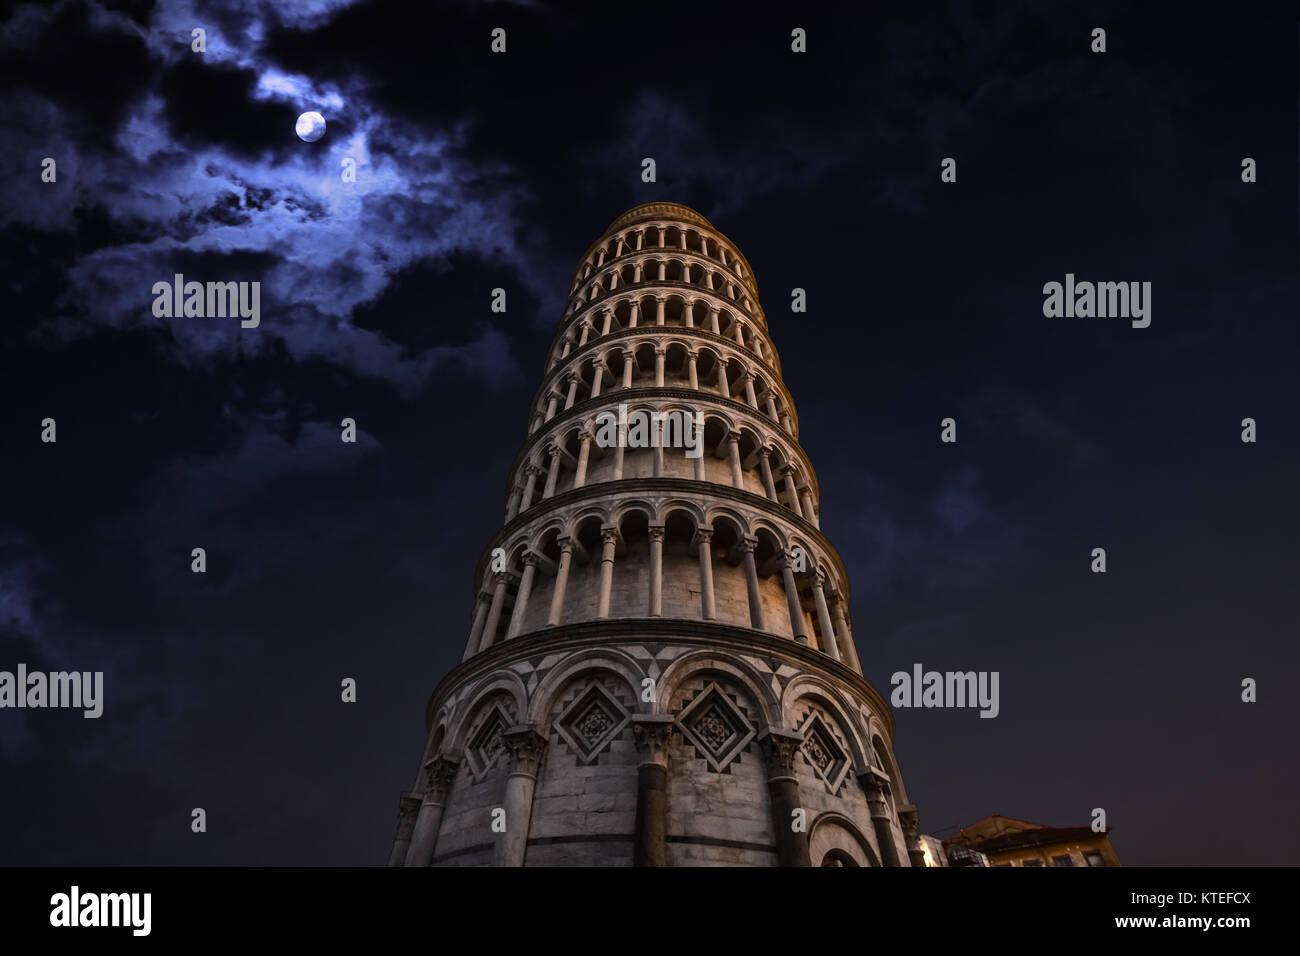 La torre inclinada de Pisa, Italia, en la Plaza de los Milagros, iluminado durante la noche con una luna llena detrás Foto de stock